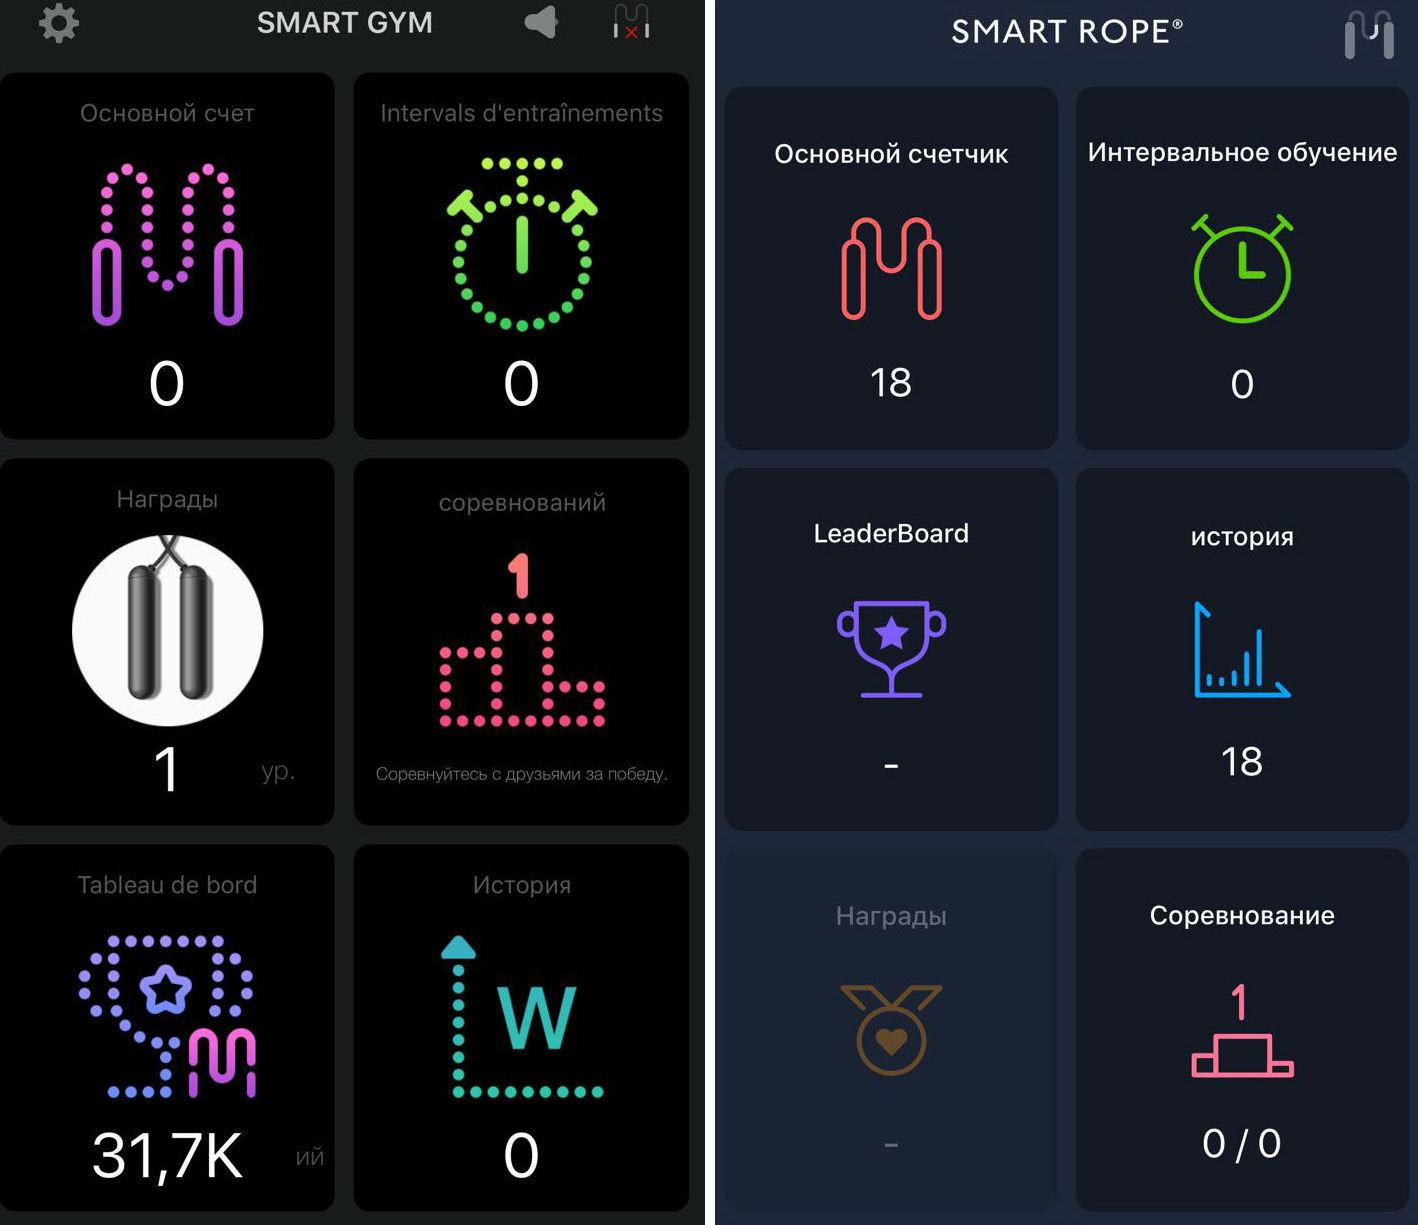 Крутые умные прыгалки: обзор смарт-скакалки Tangram Smart Rope - 16